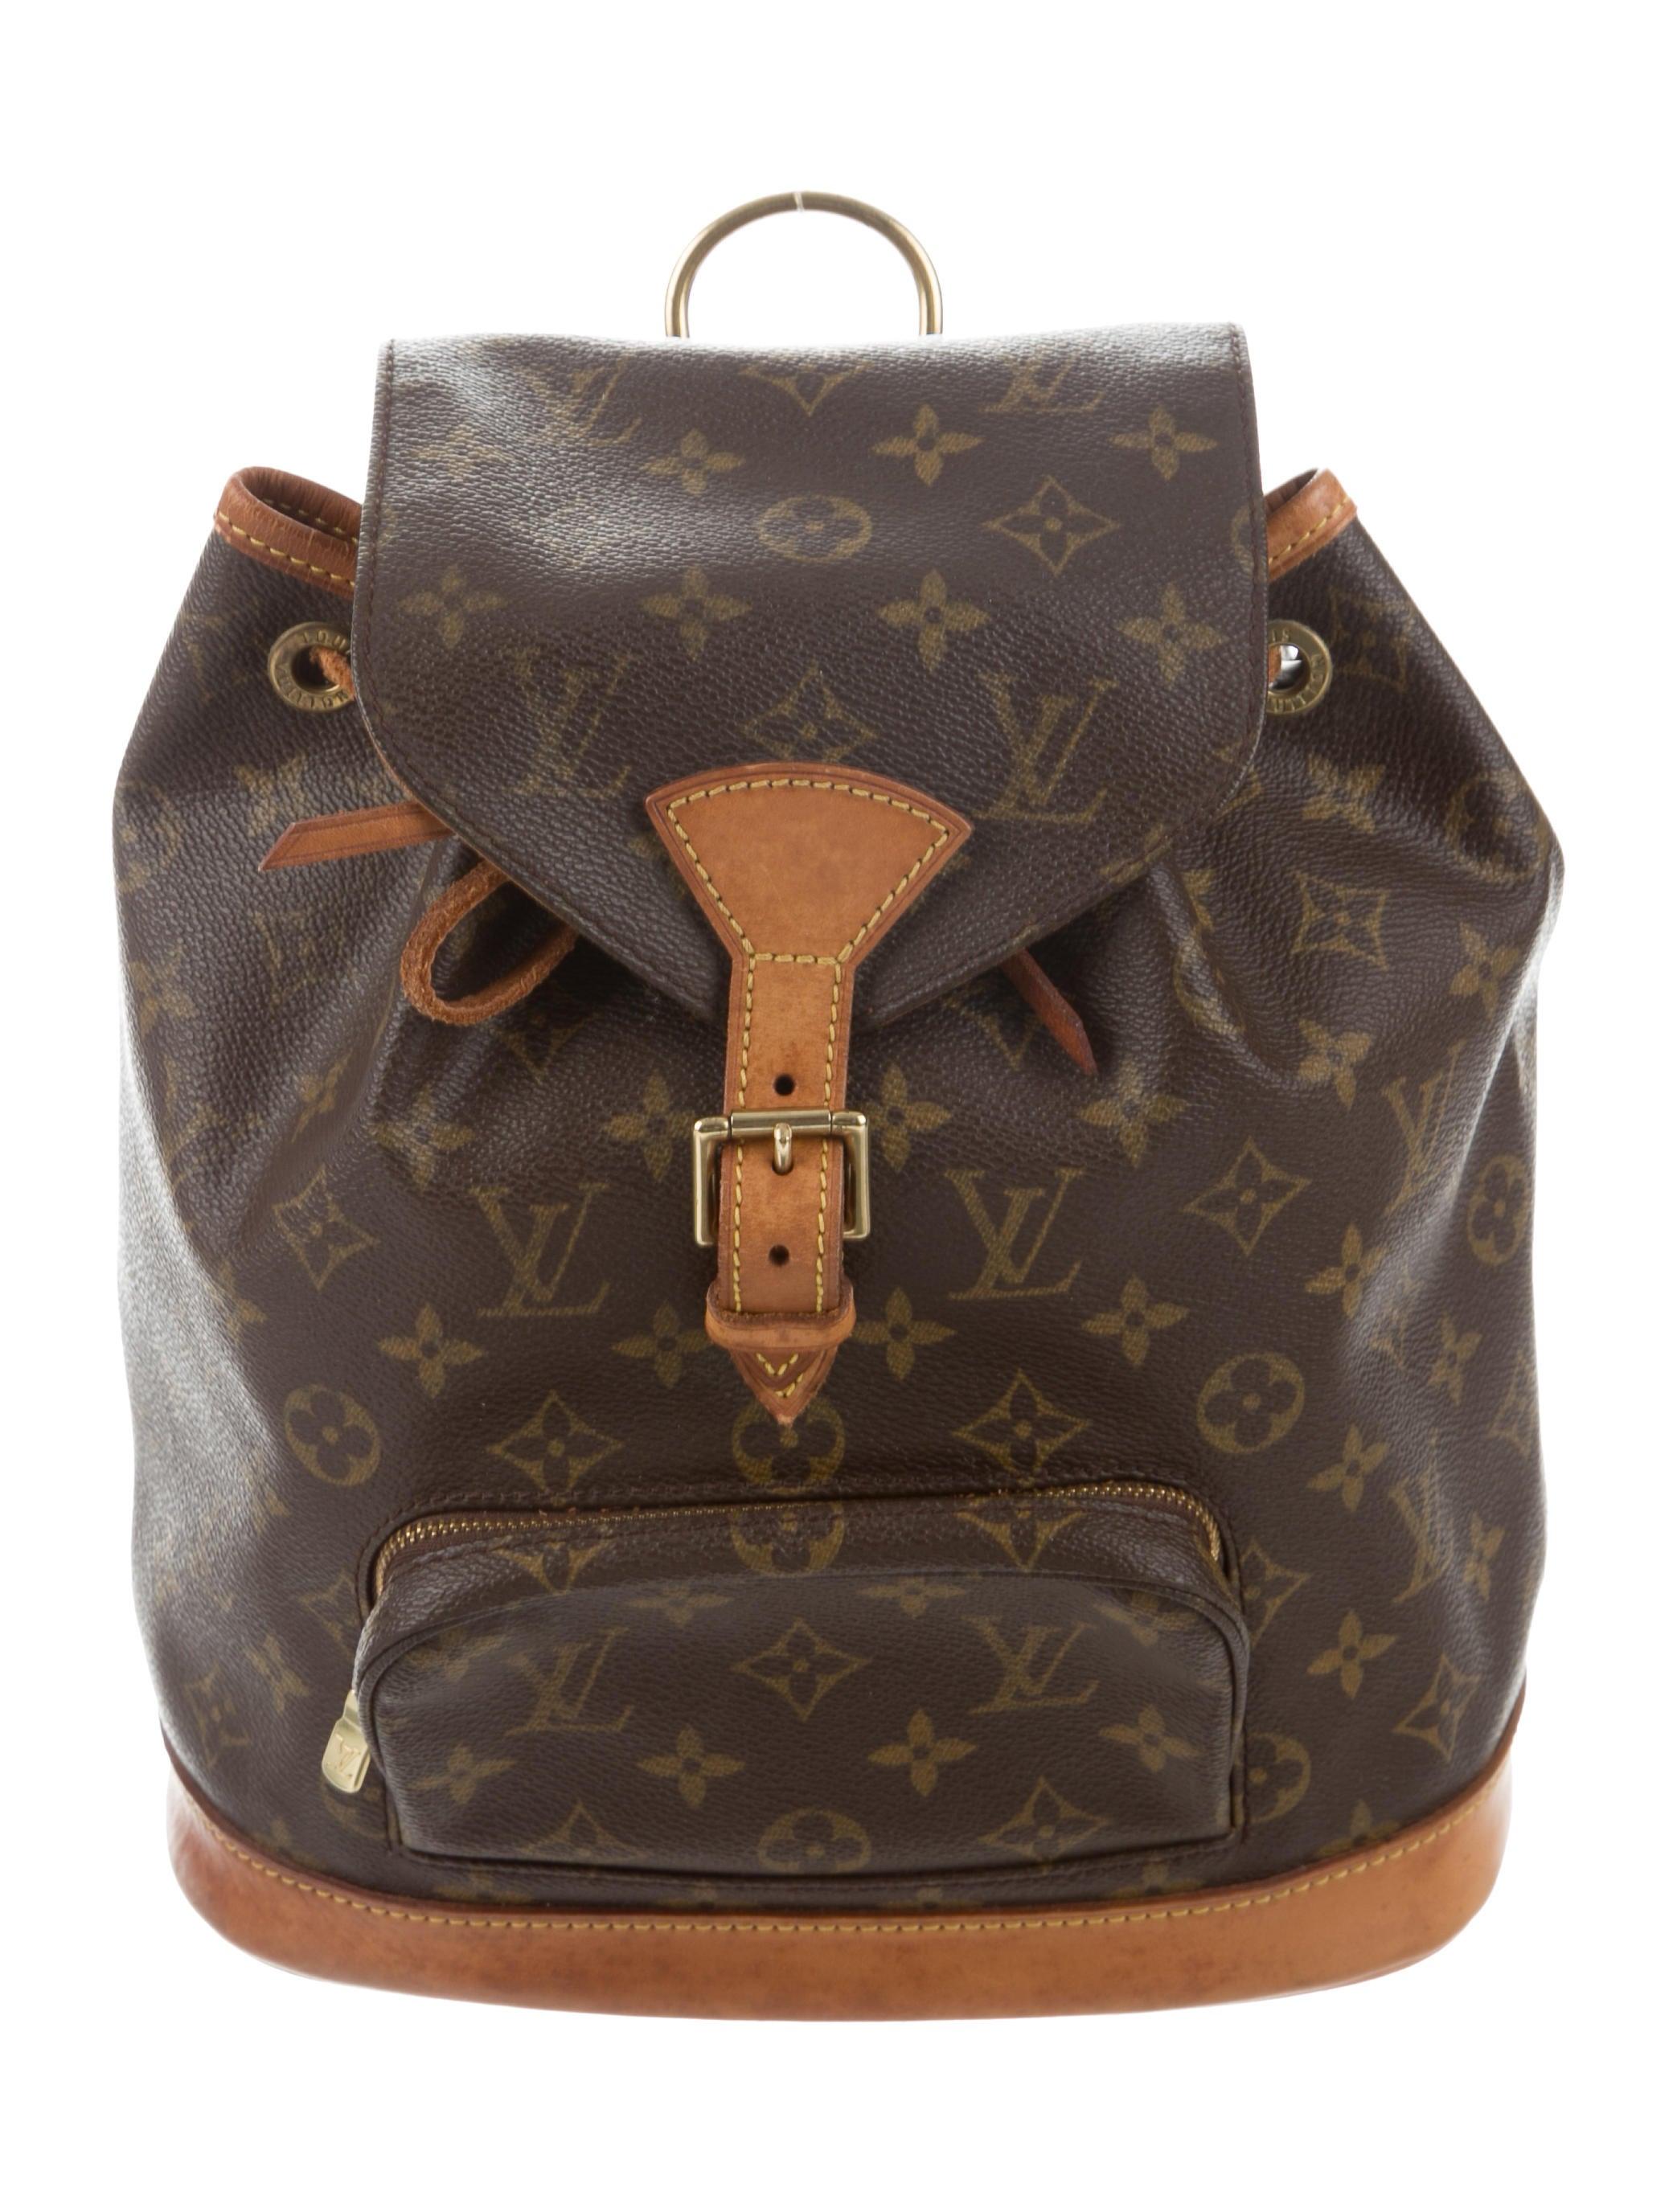 6f6e6198e072 Backpacks